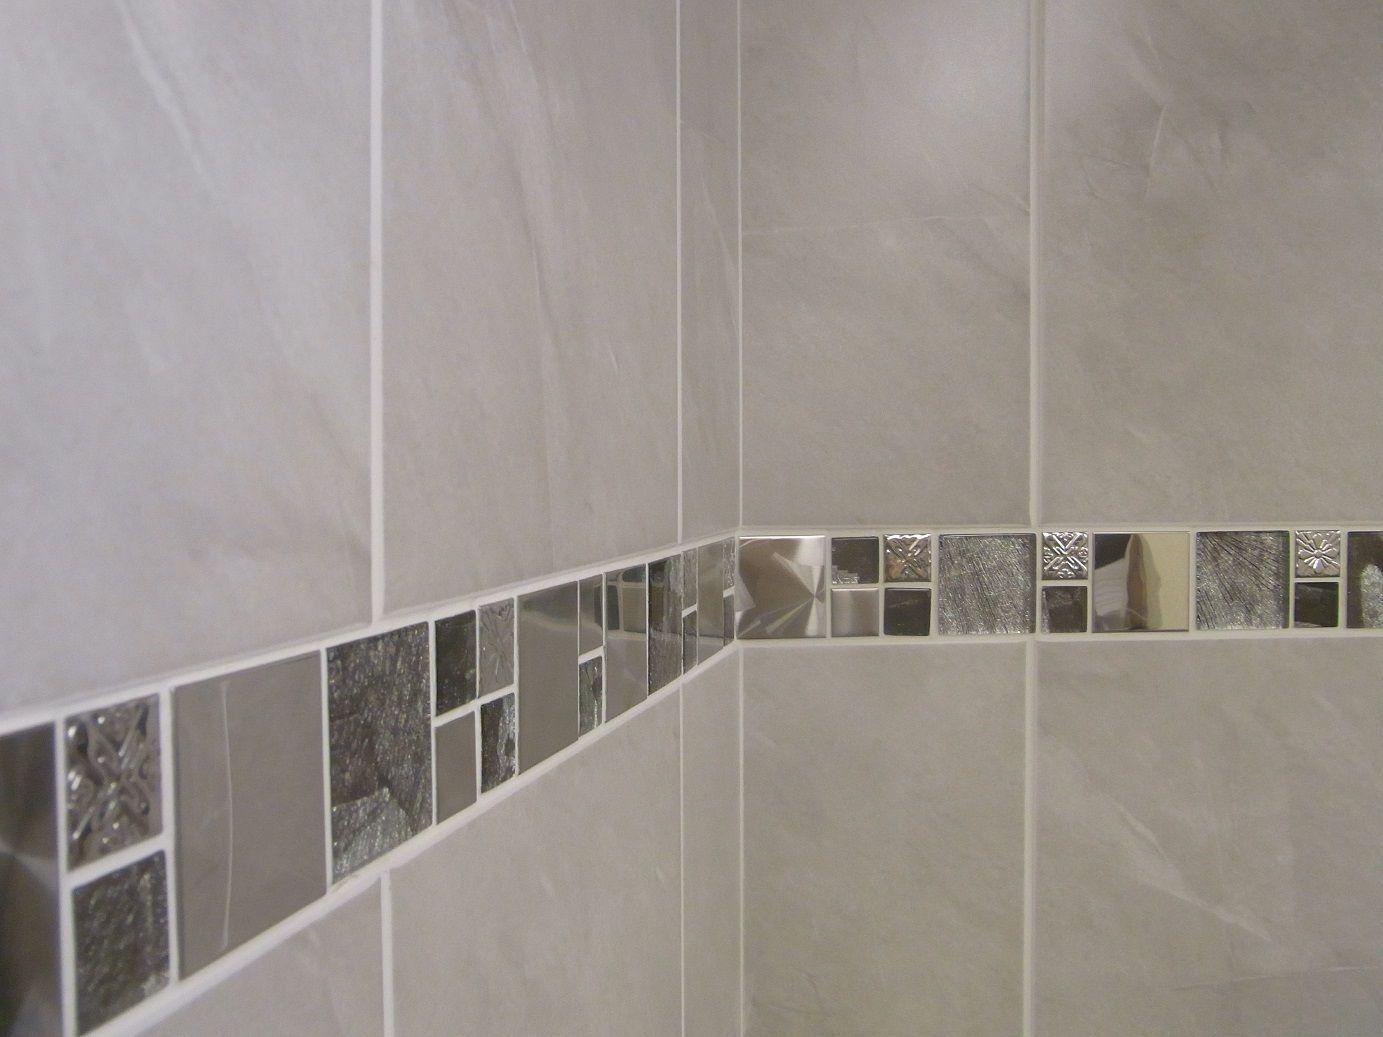 1030m2 Travertine Effect Grey Ceramic Bathroom Wall Tile Deal Inc Borders Bathroom Wall Tile Grey Bathroom Wall Tiles Tile Bathroom